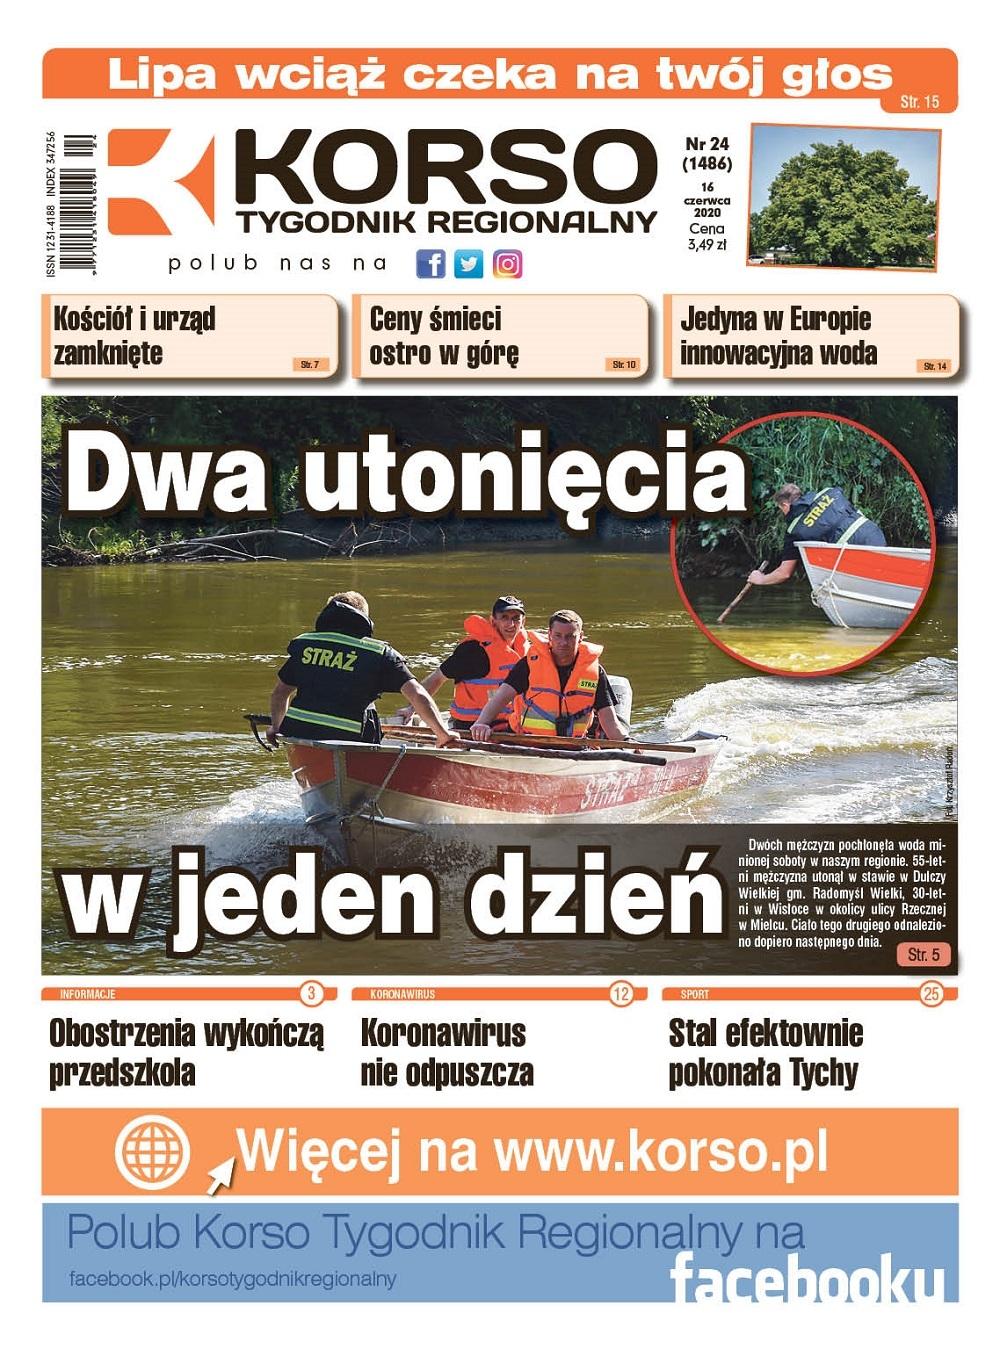 Tygodnik Regionalny KORSO nr 24/2020 - Zdjęcie główne